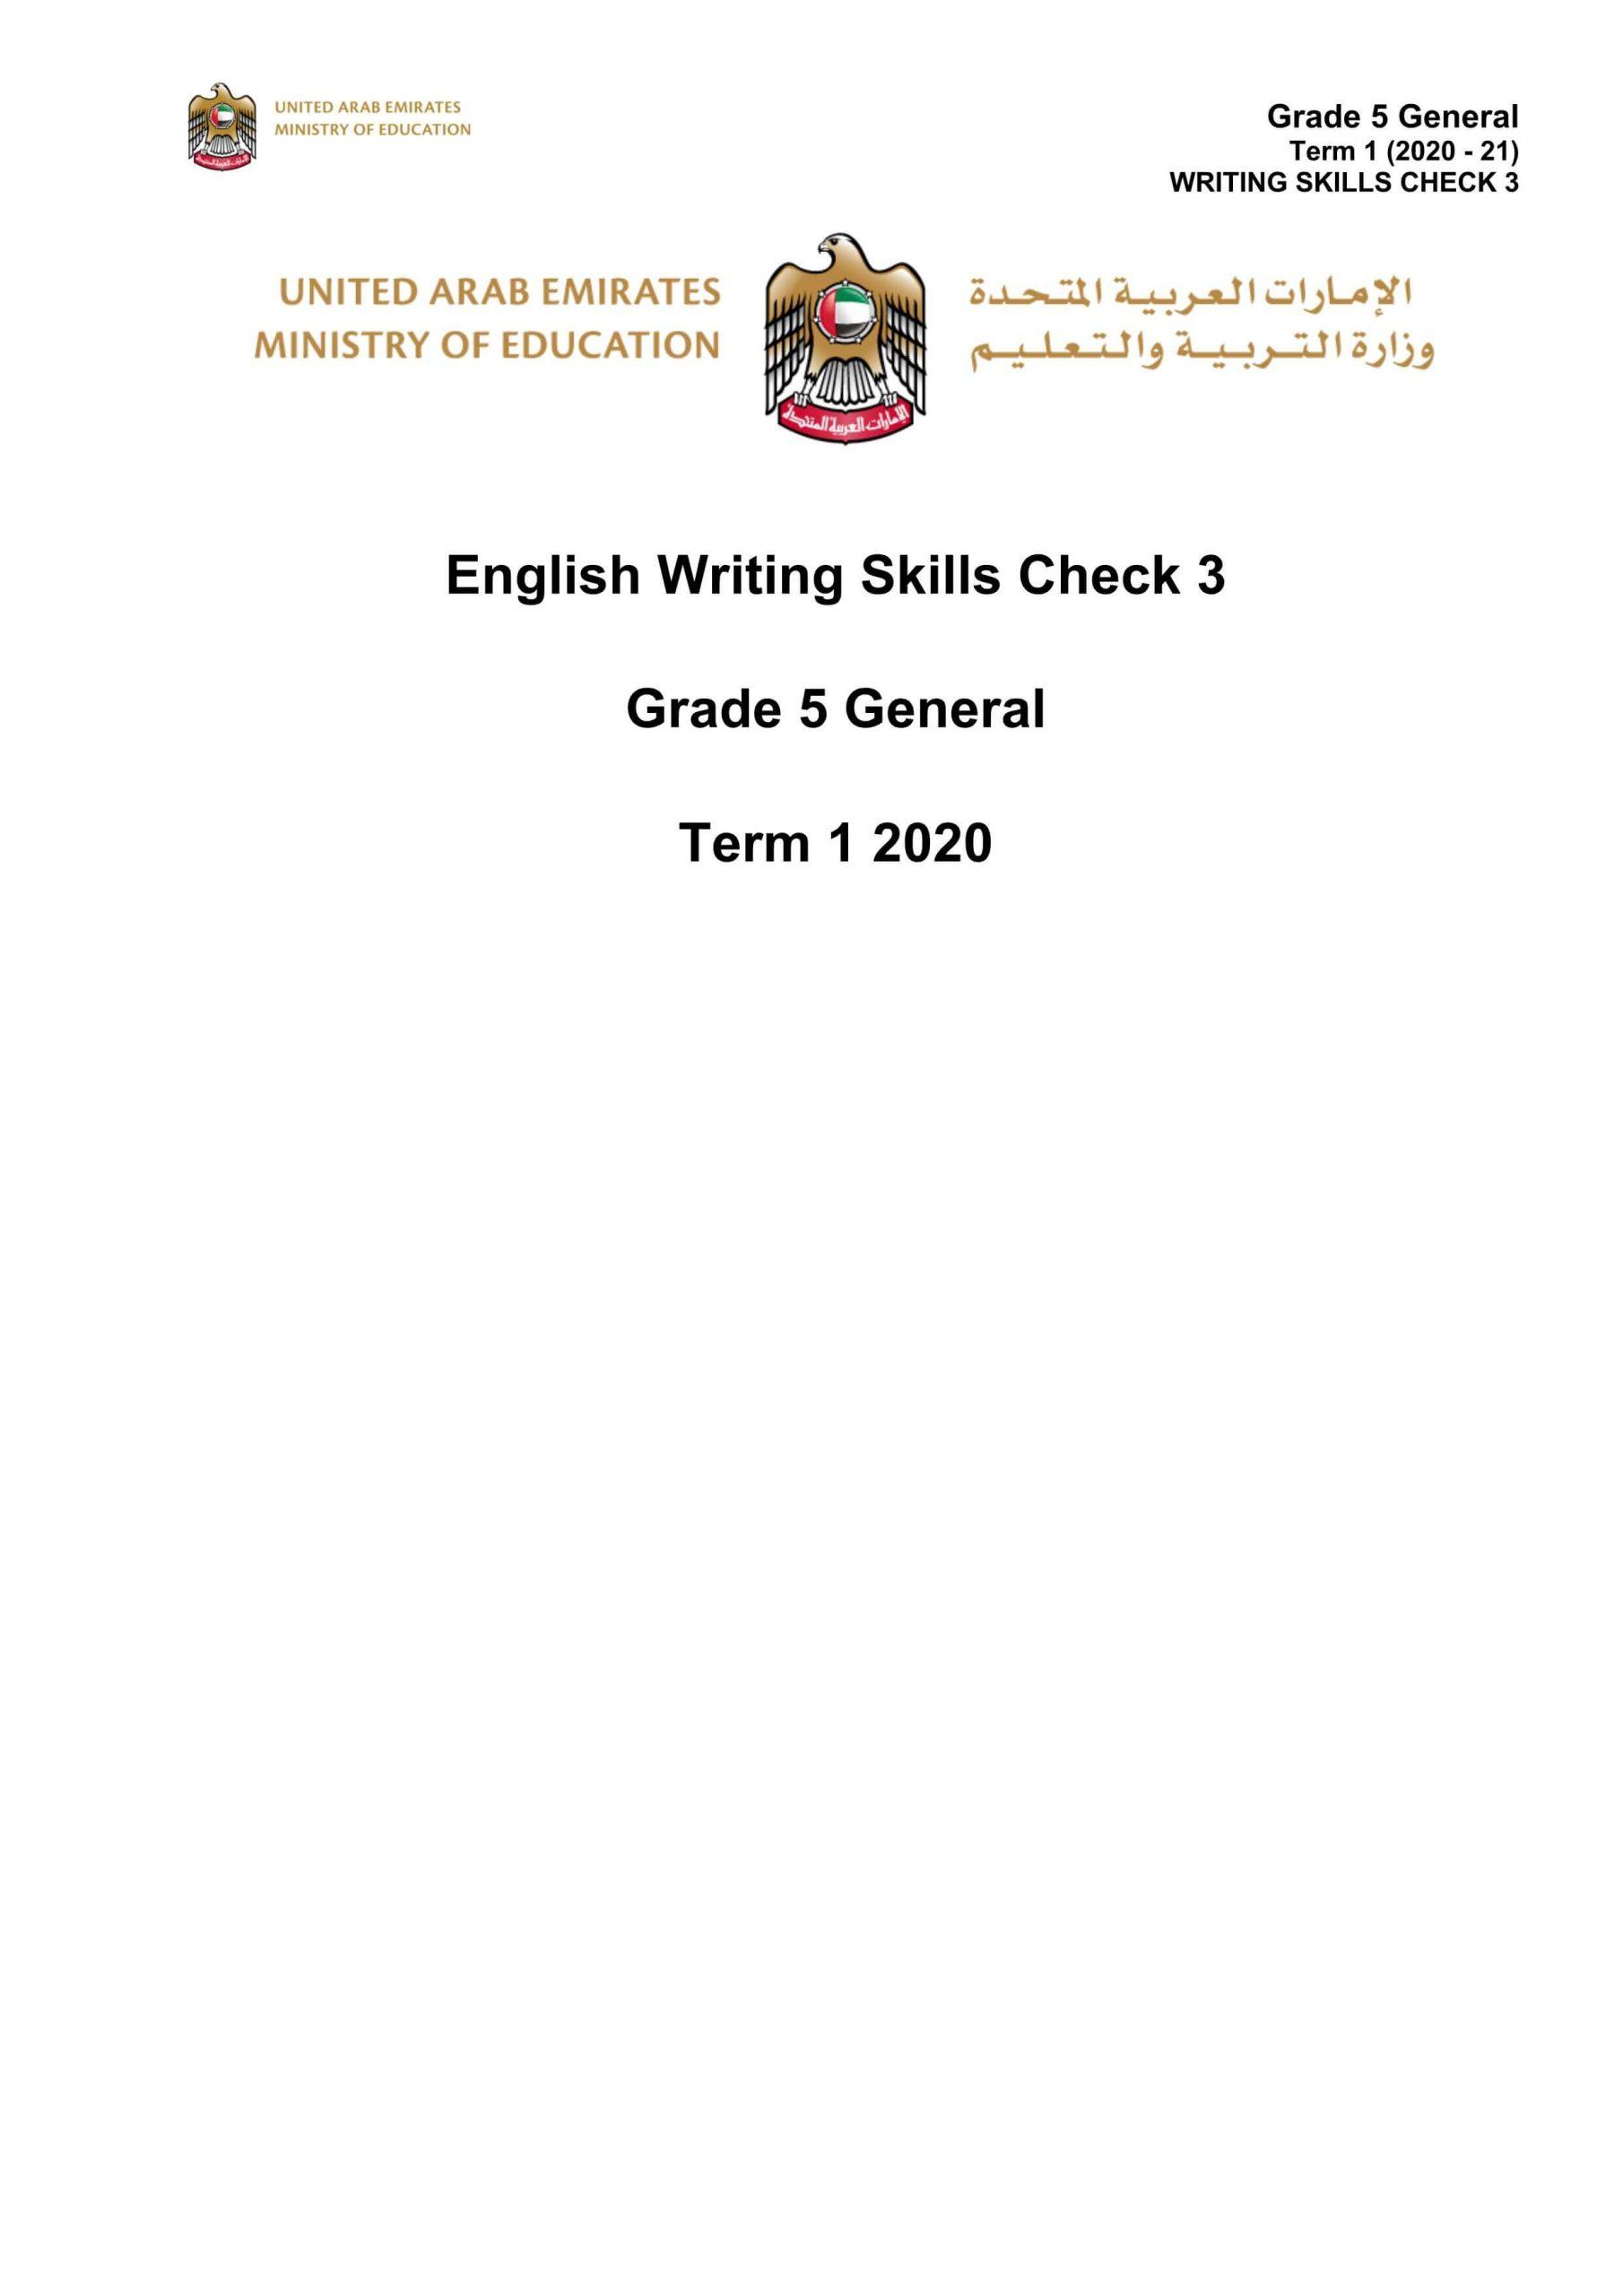 اوراق عمل Writing Skills Check 3 الصف الخامس مادة اللغة الانجليزية